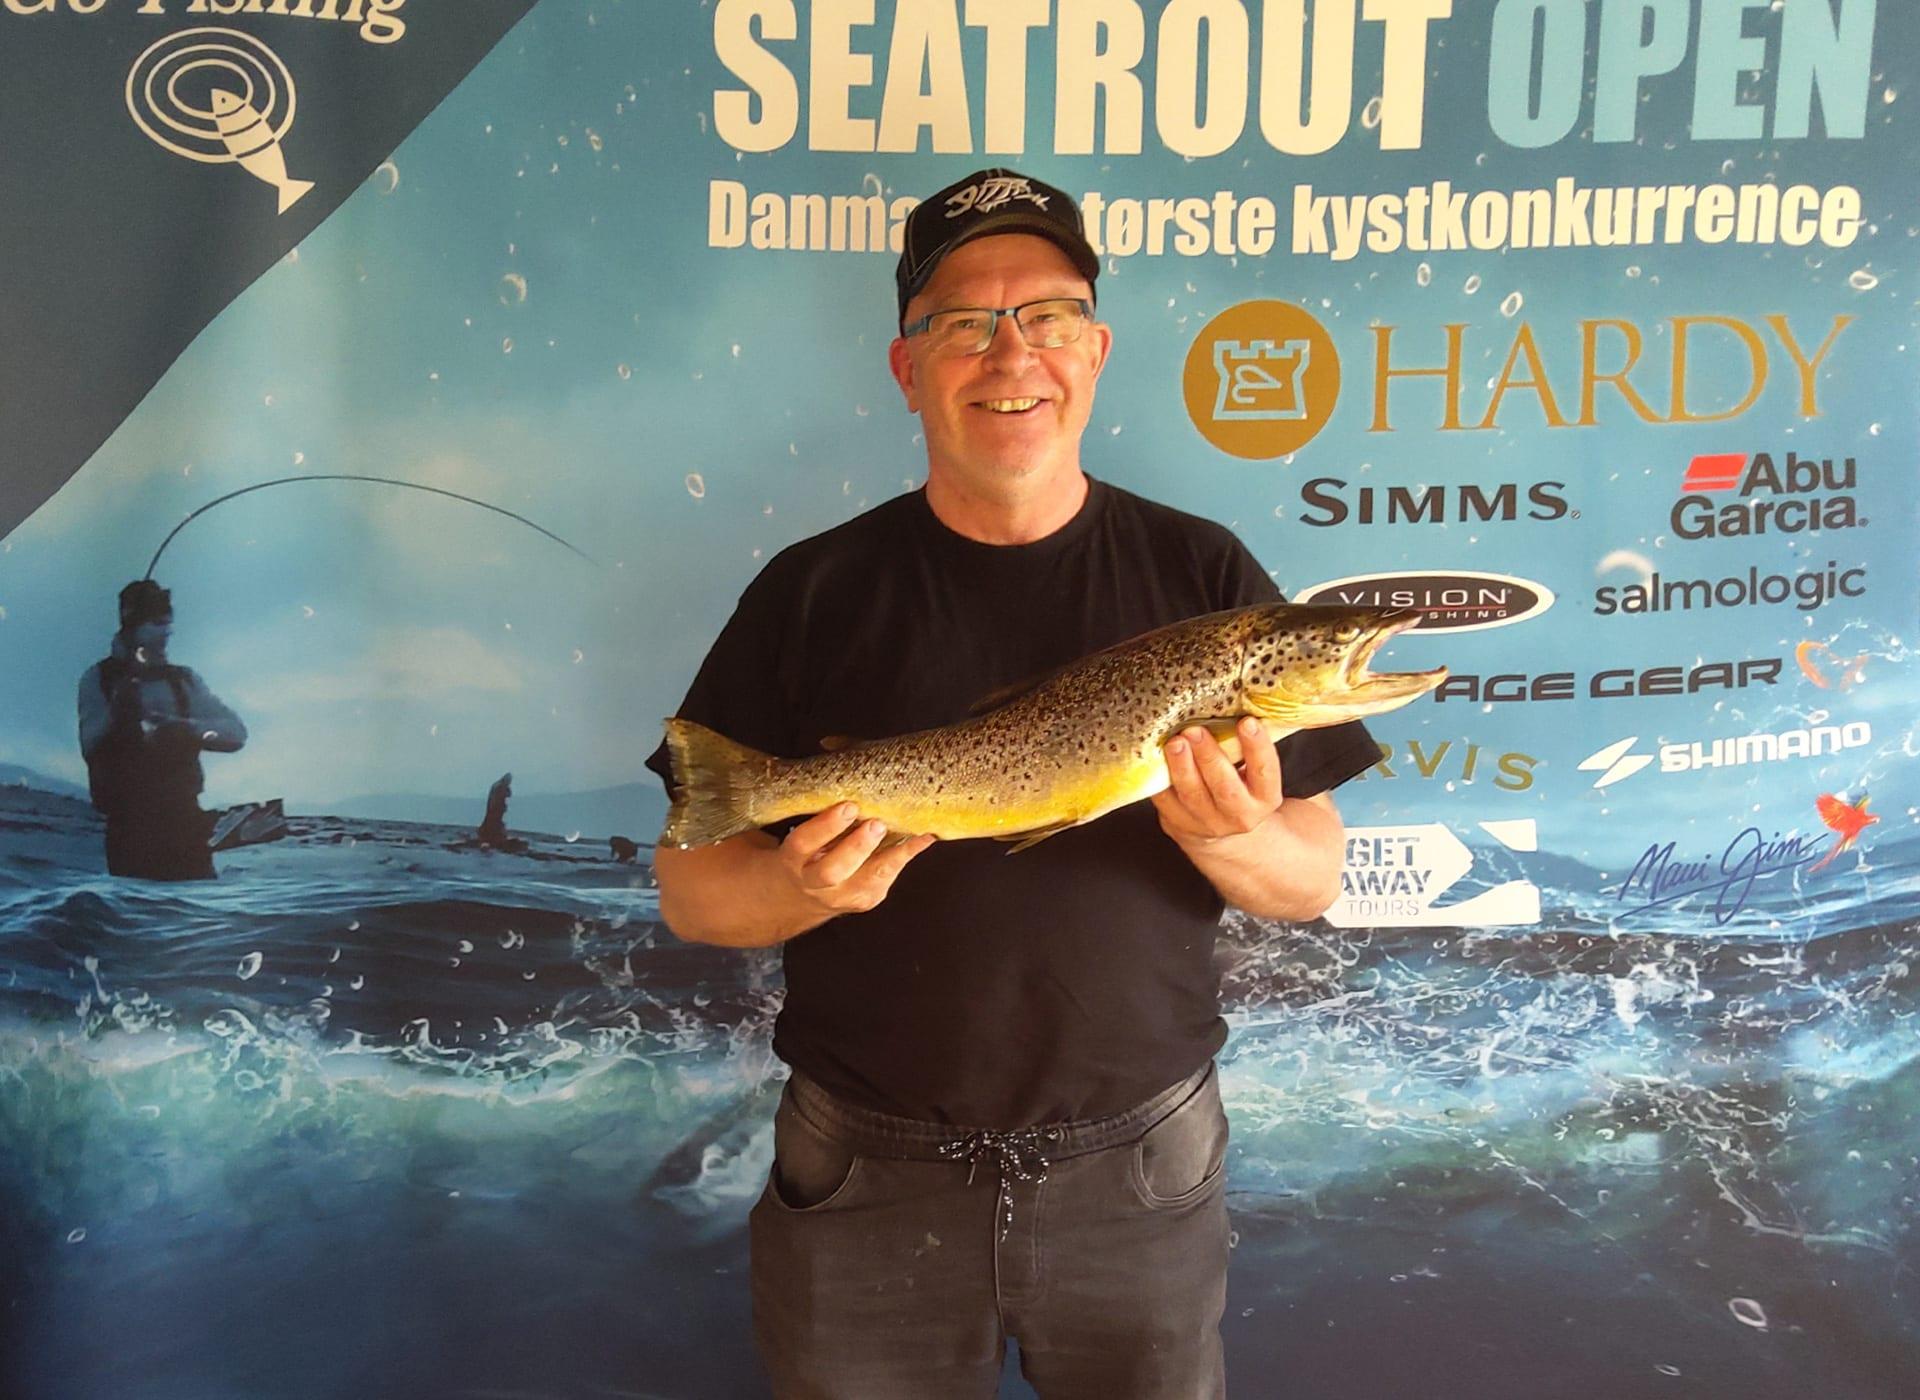 Seatrout Open deltager Poul Olsen